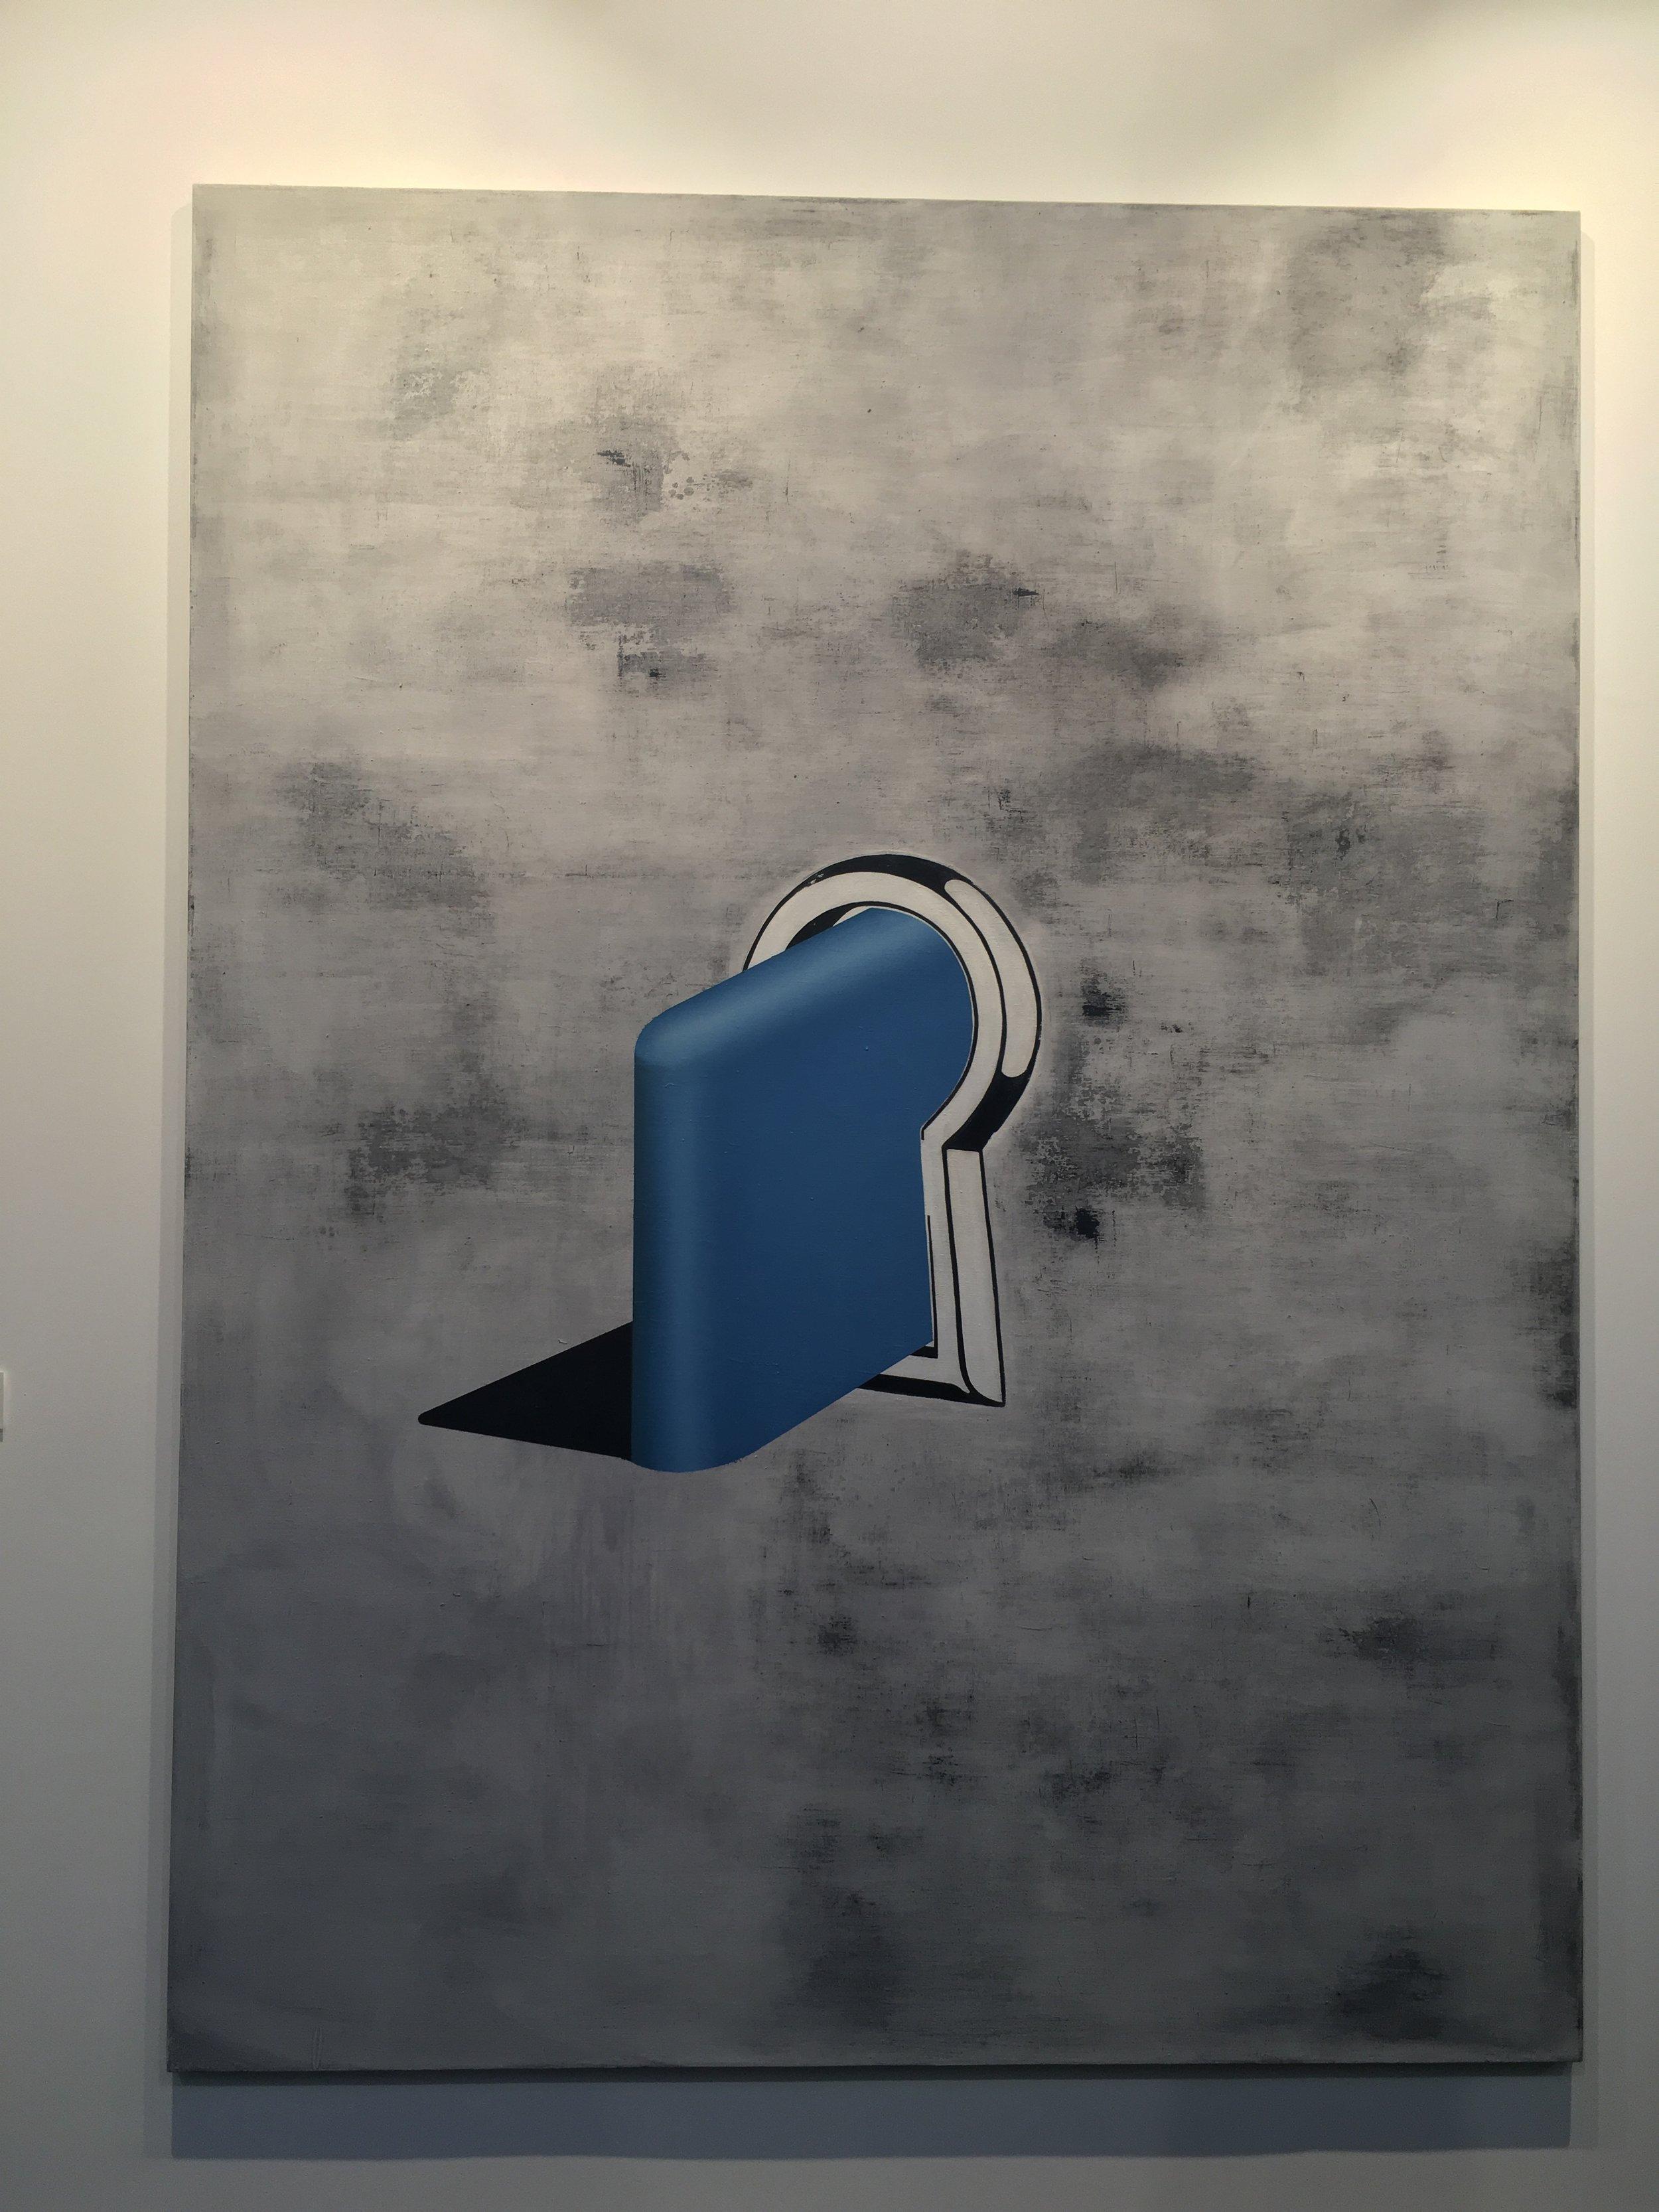 Anne Neukamp / Galerie Greta Meert, Brussels